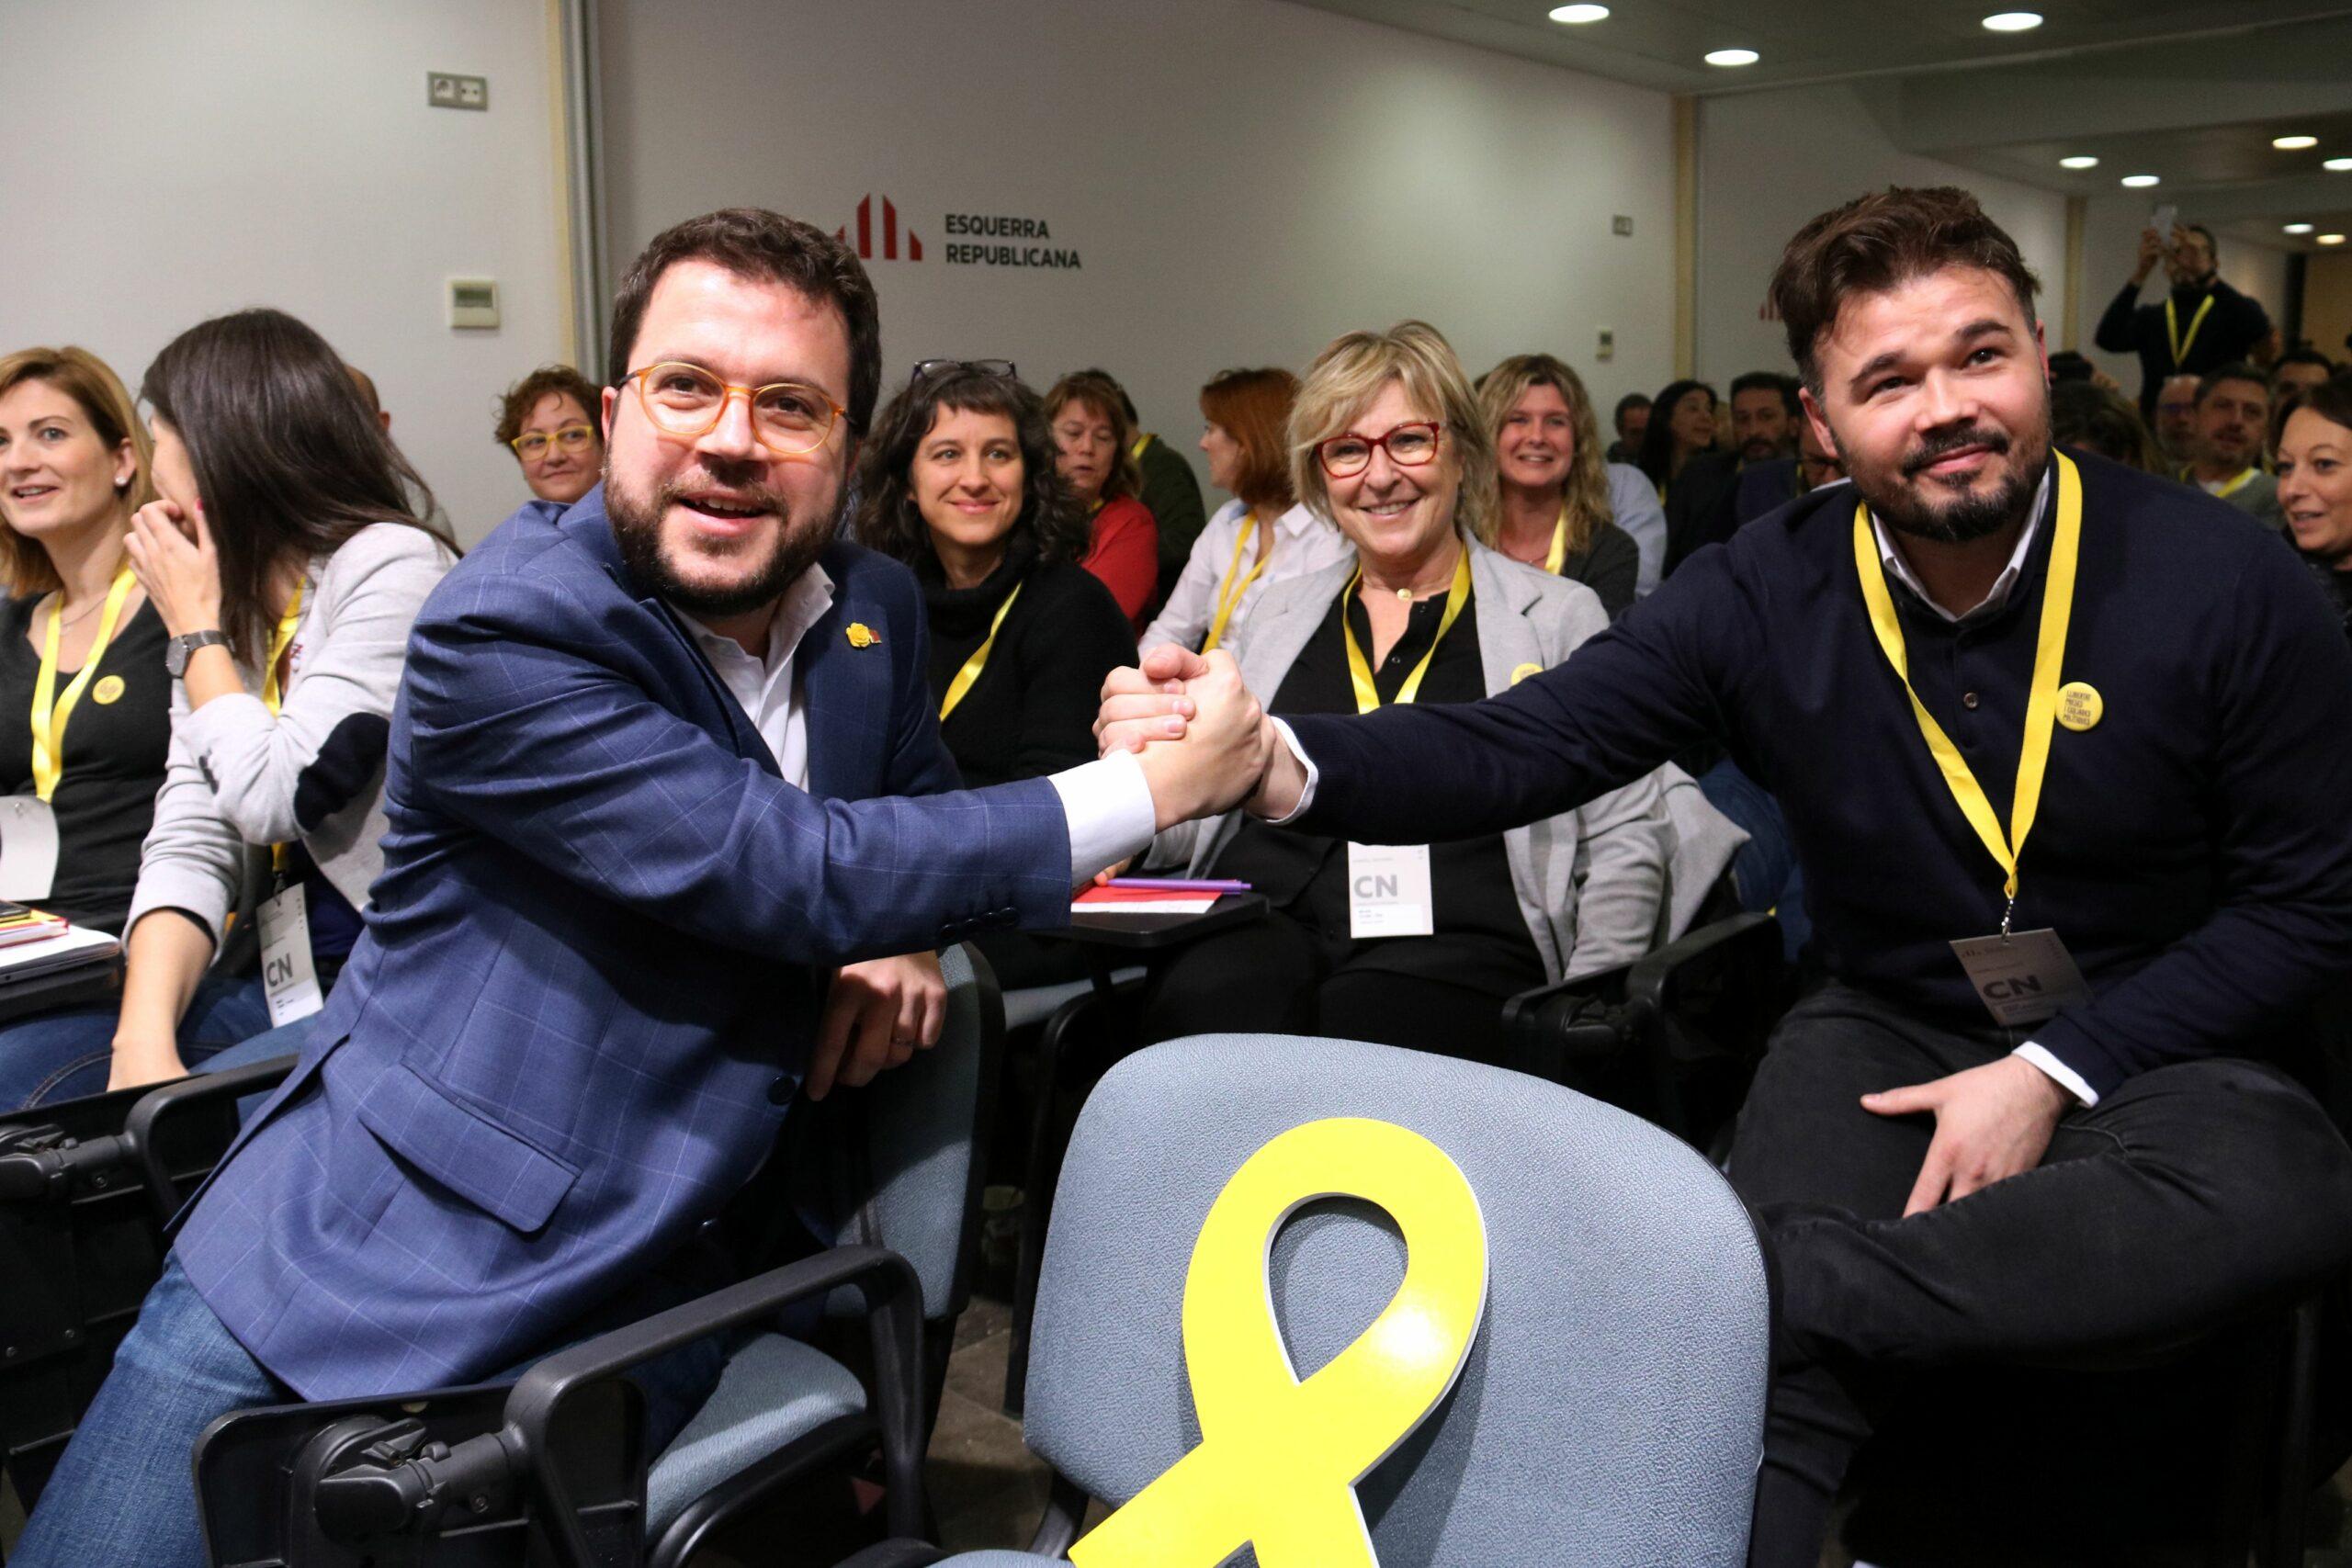 El coordinador nacional d'ERC, Pere Aragonès, i el cap del partit al Congrés, Gabriel Rufián